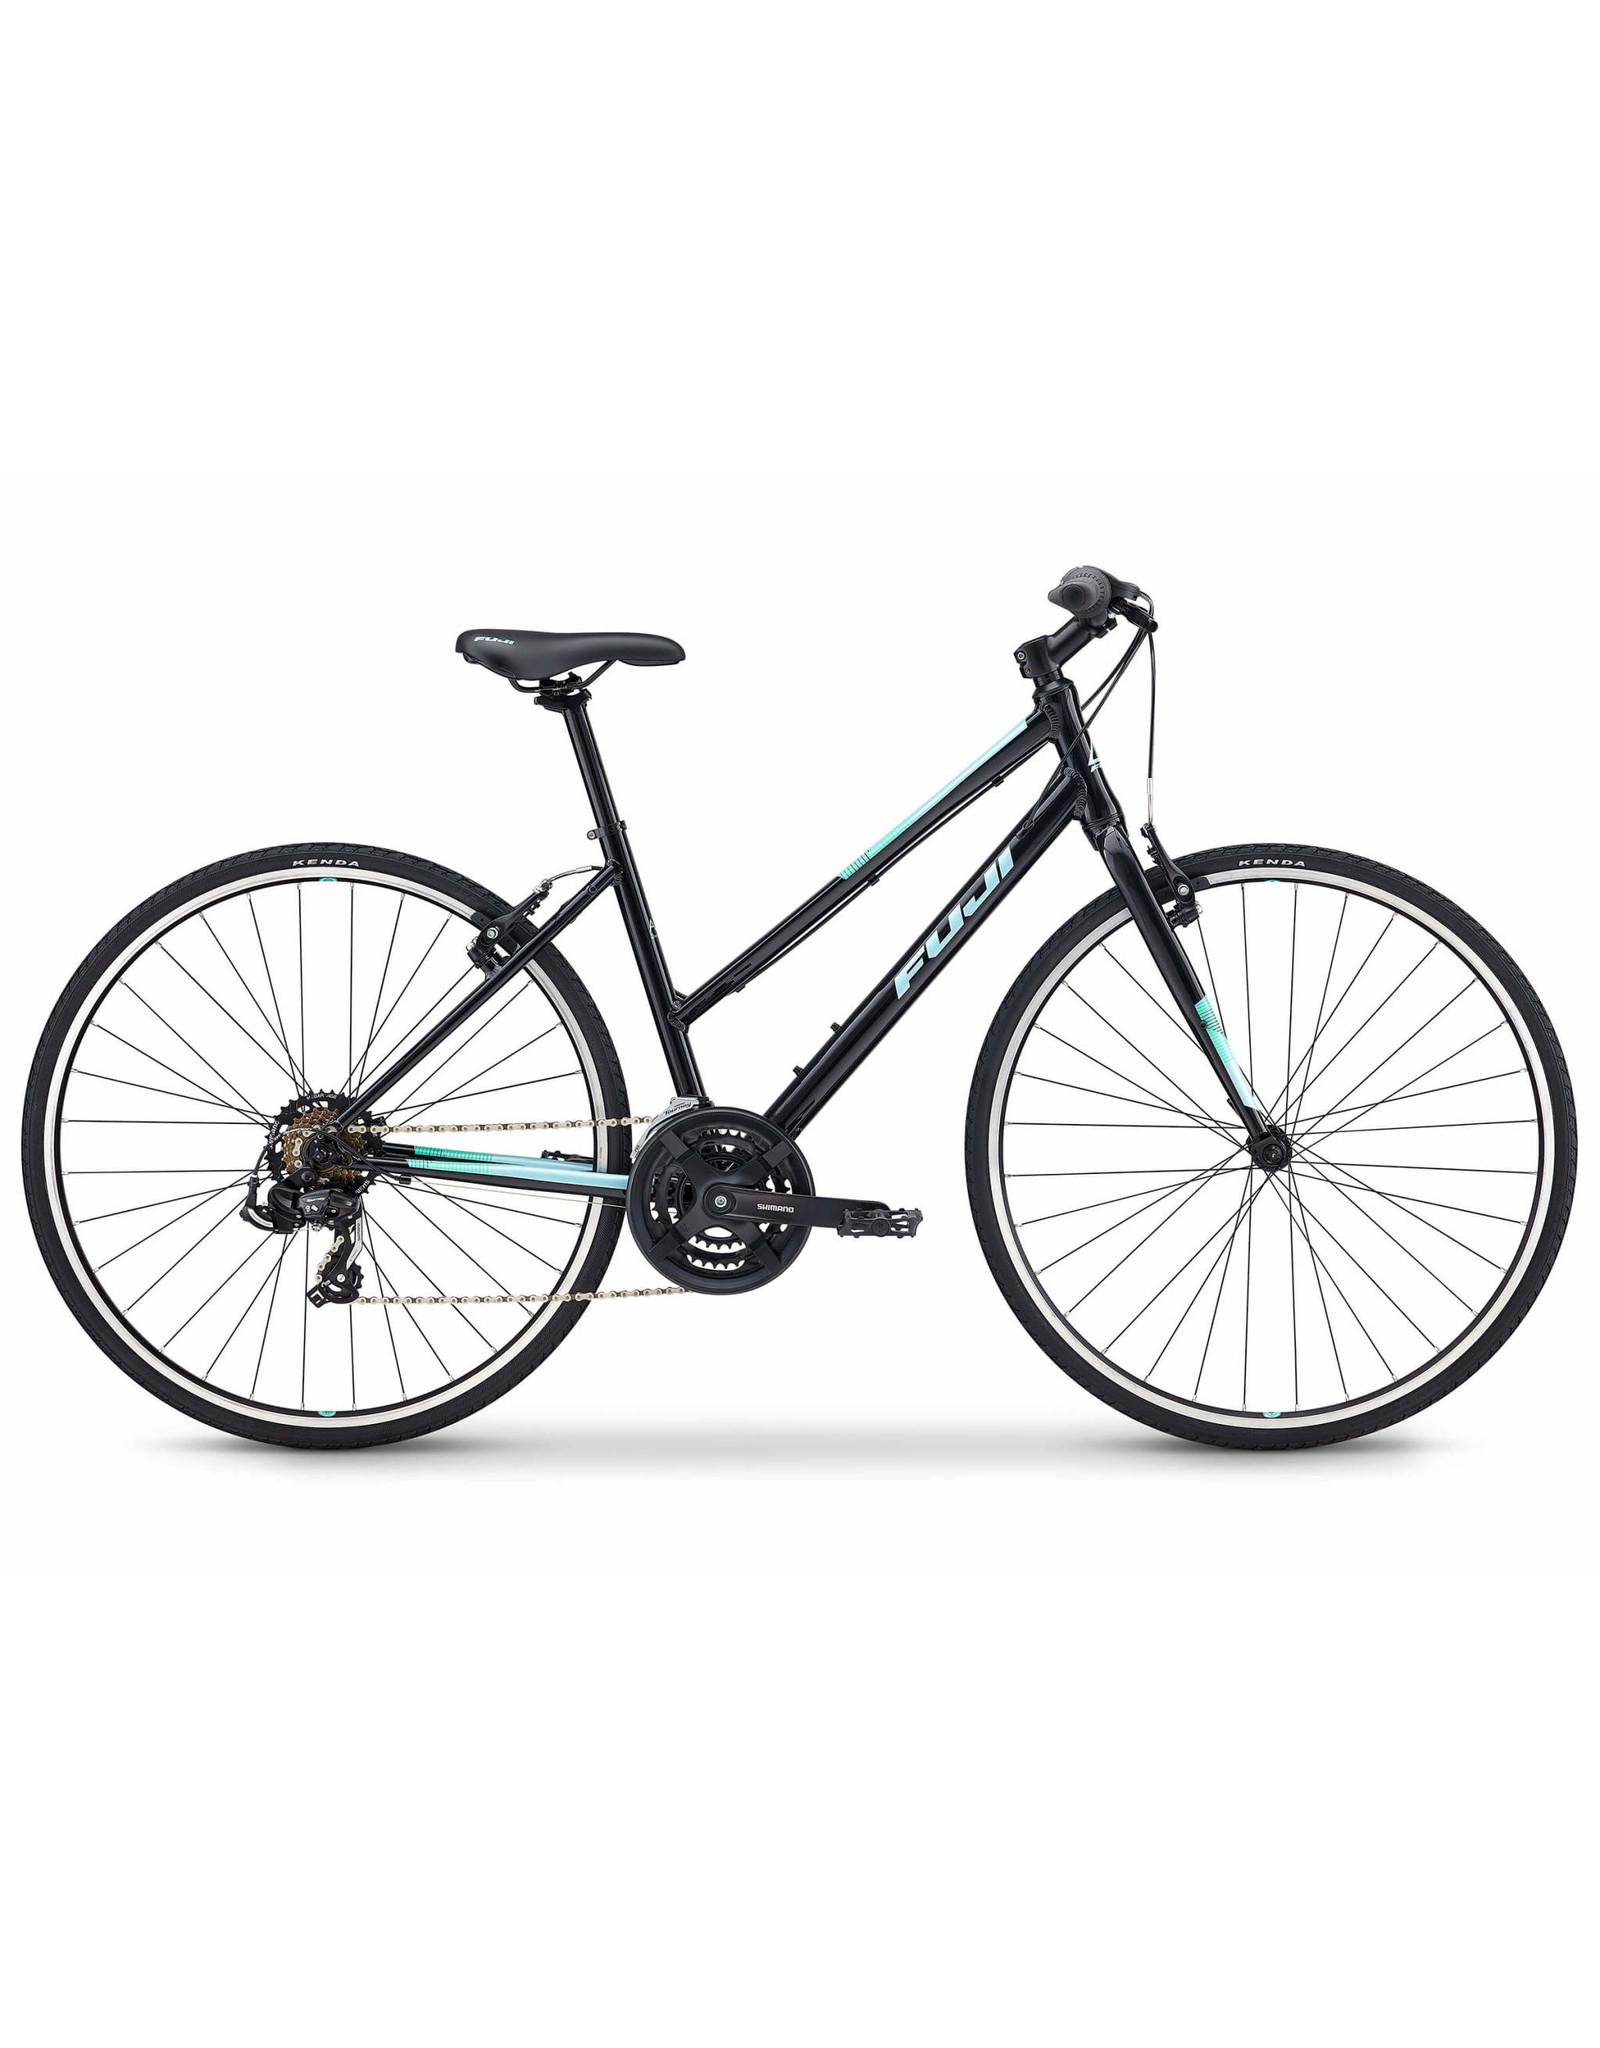 Fuji FUJI ABSOLUTE 2.3 ST NOIR/MENTHE vélo de route